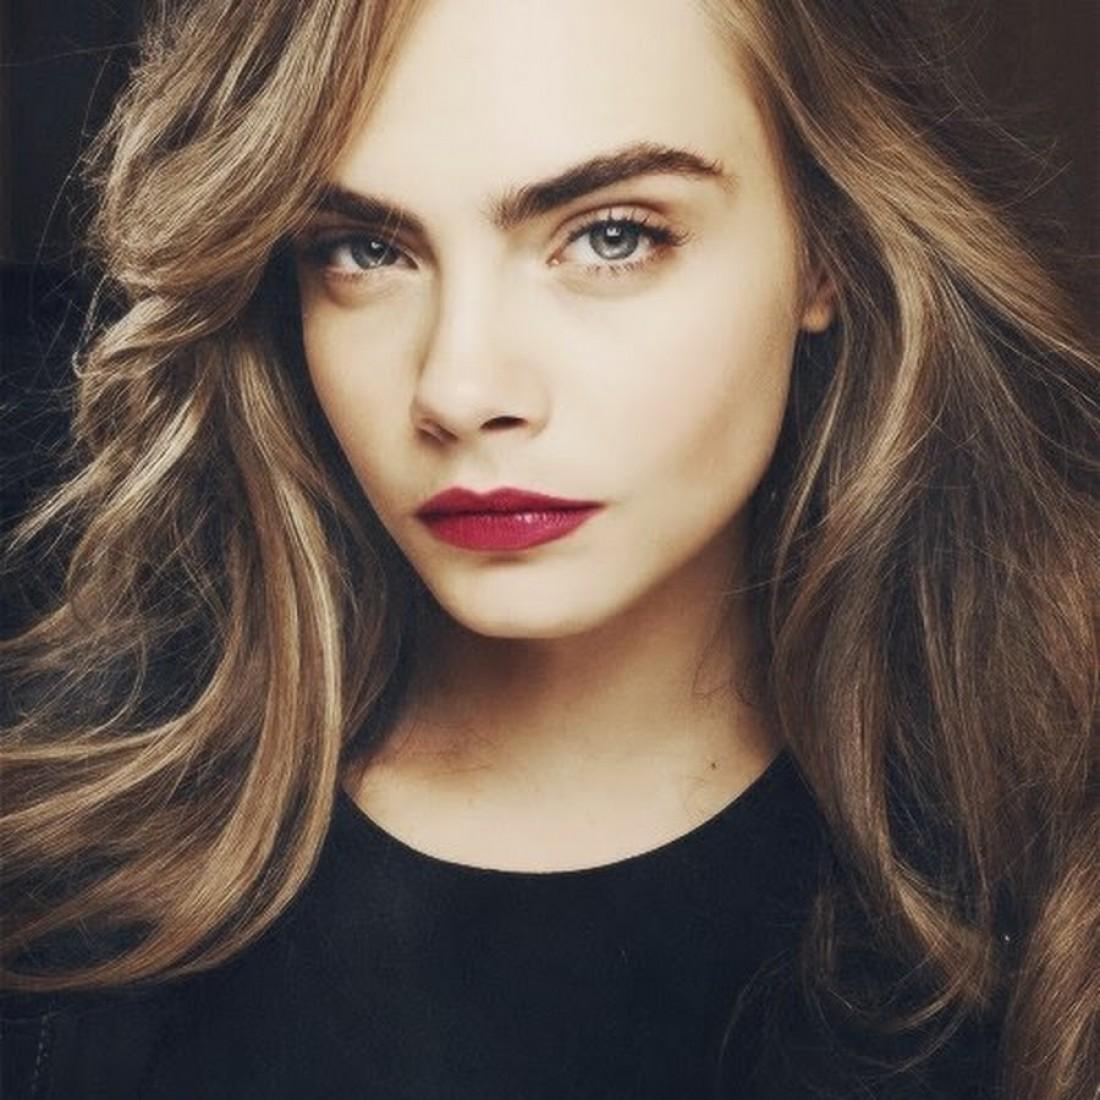 5 ошибок в макияже бровей, которые ты допускаешь - ФОТО